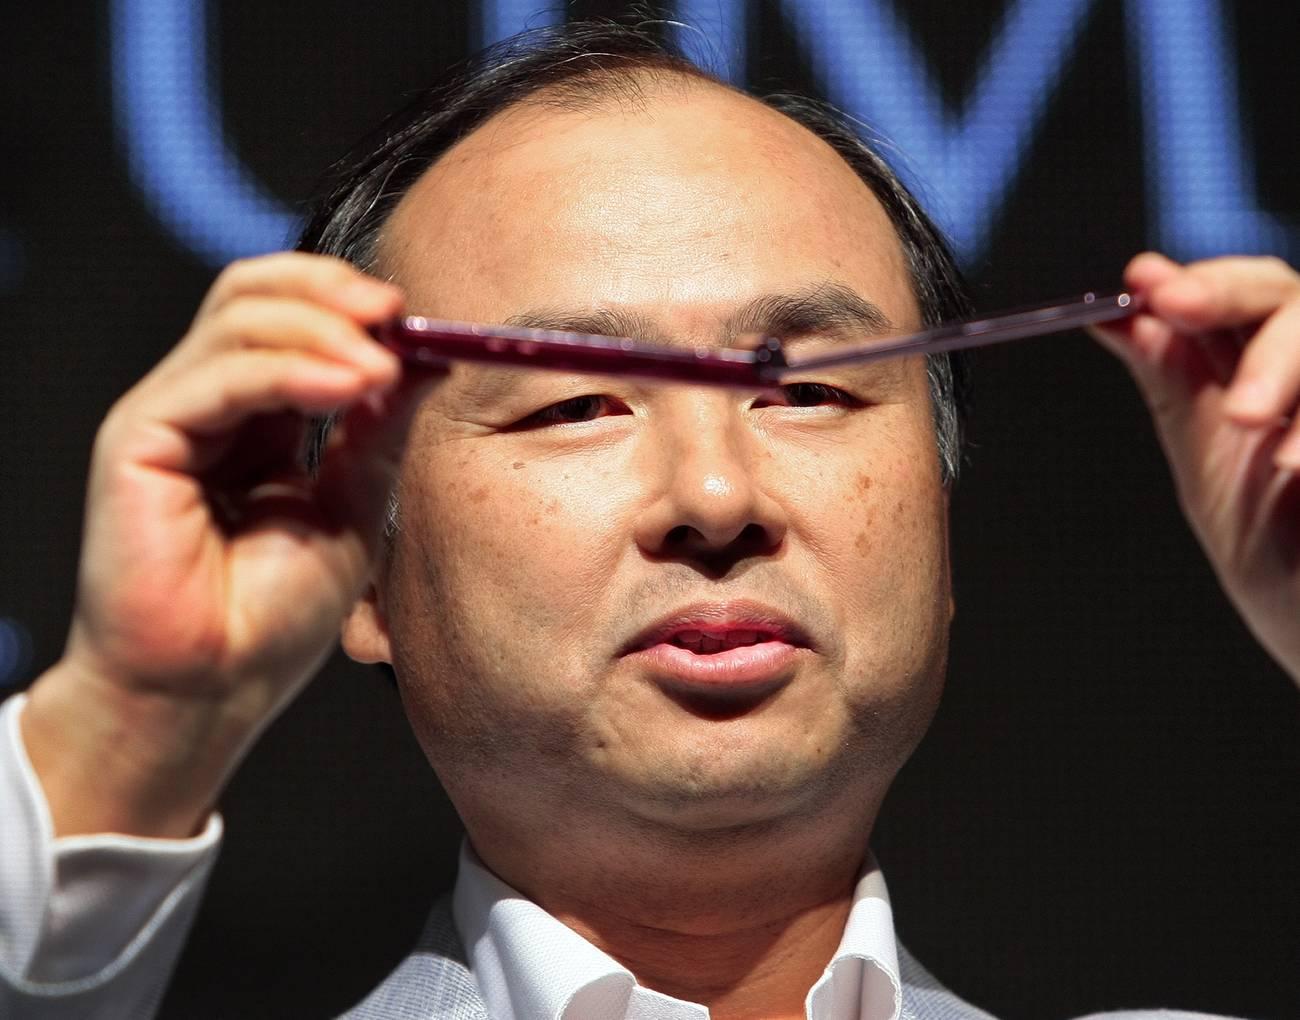 El vendedor de burbujas capitalistas  ¿Quién es y qué personifica Masayoshi Son?